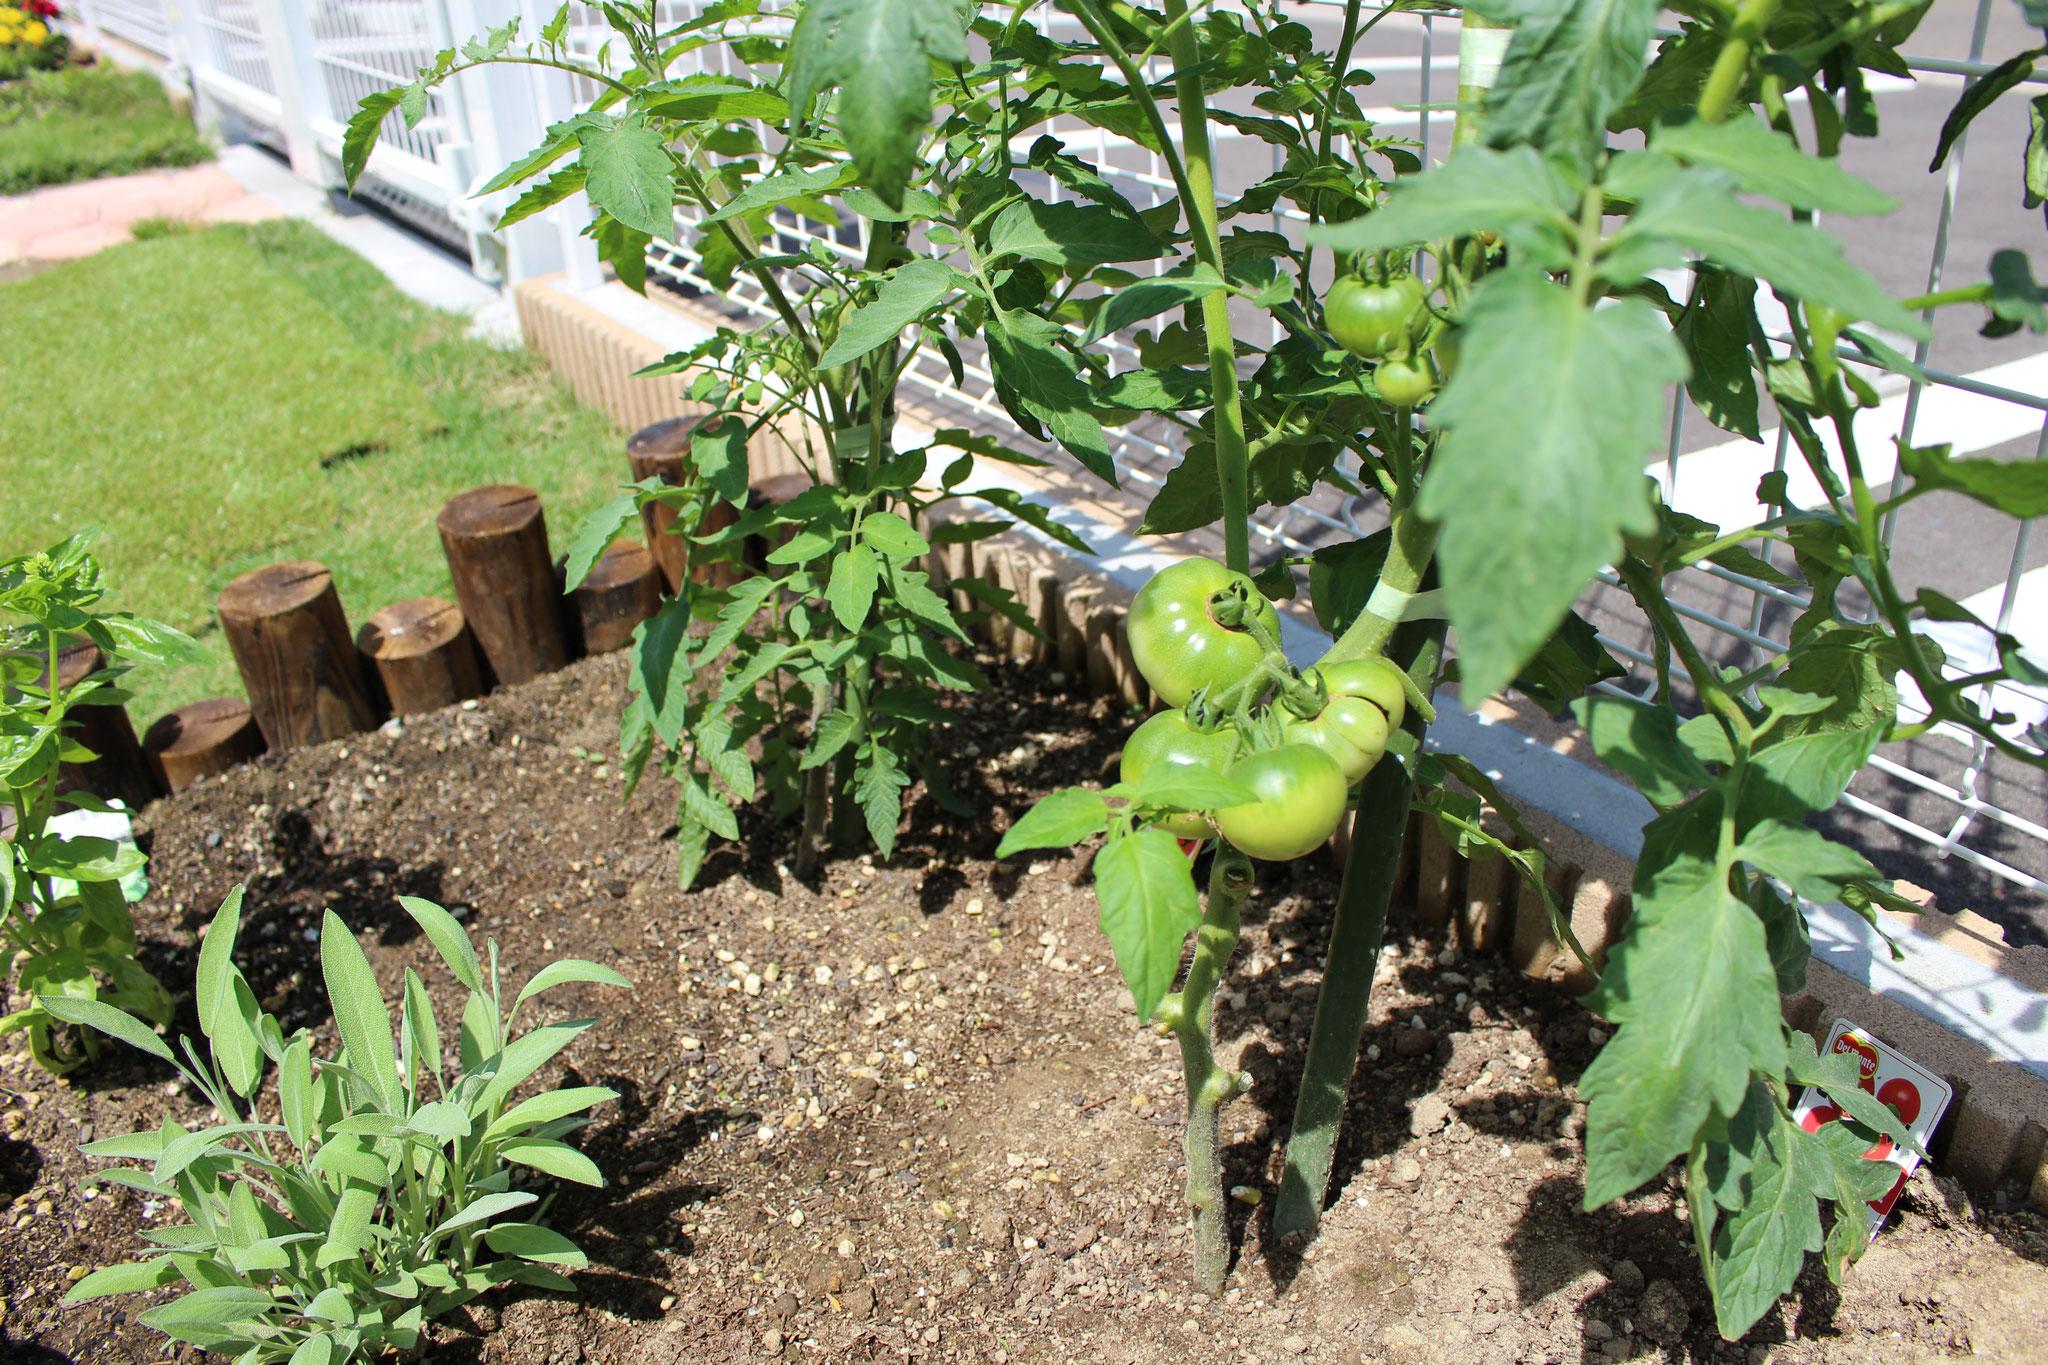 園庭のトマトさん おともだちが「これはパパで これはママで これはわたし」とのエピソードに ほっと心が癒されますね~